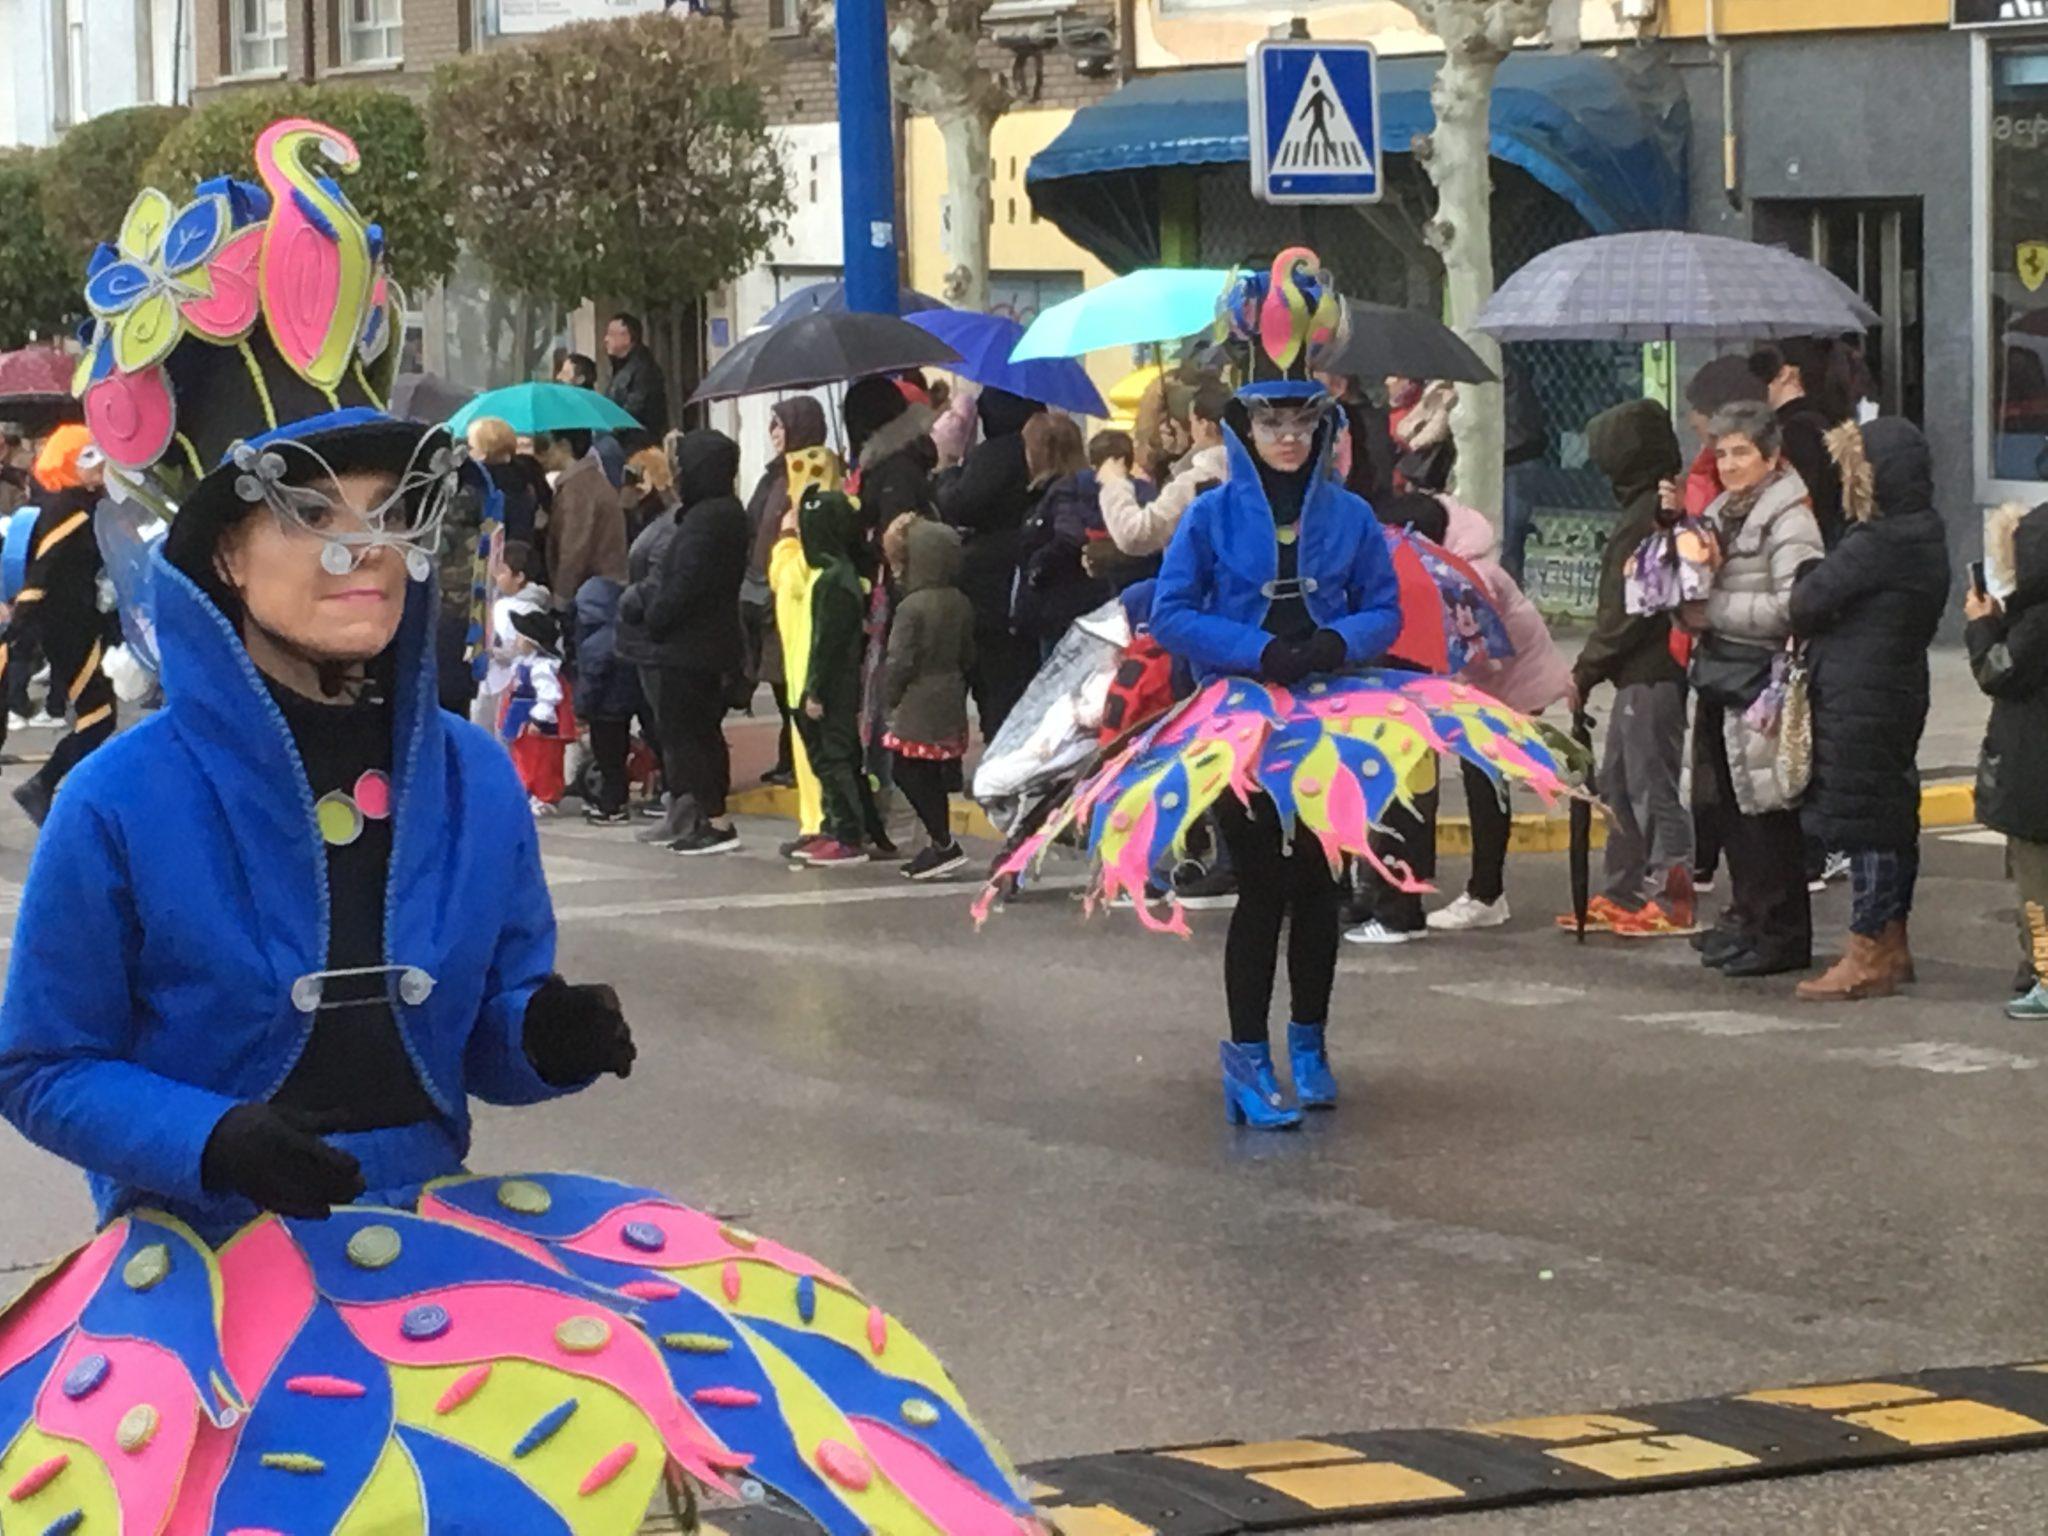 Álbum de fotos del martes de Carnaval 2019 en Ponferrada 10